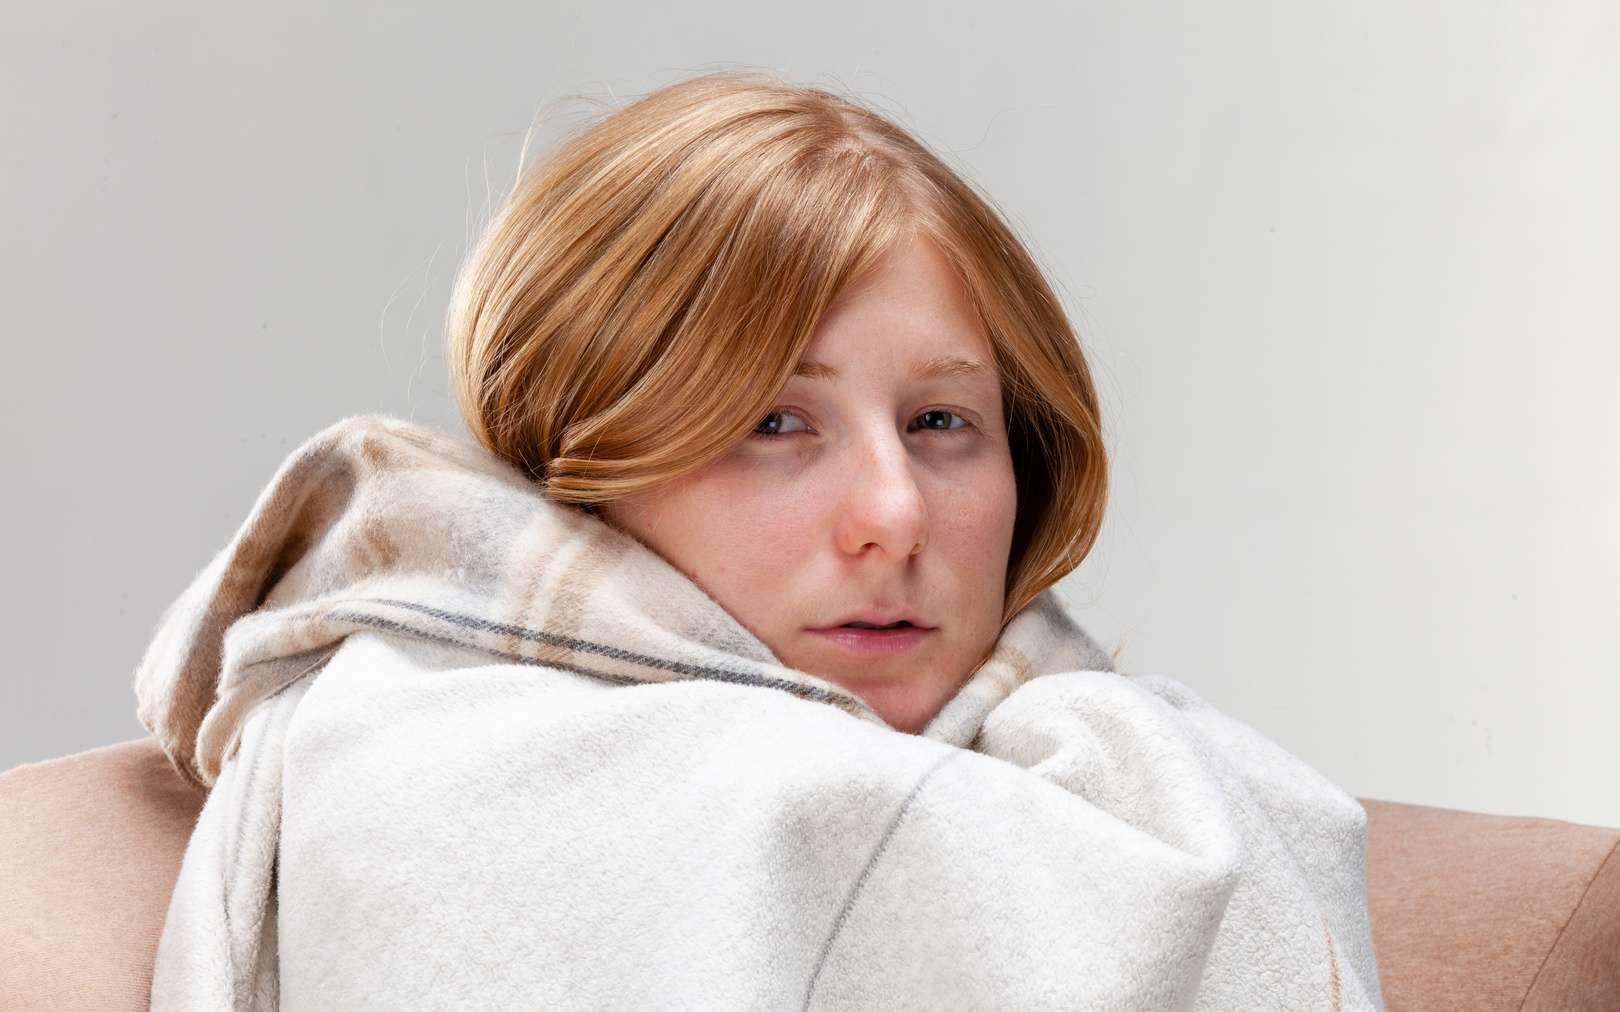 Le nez bouché, l'un des symptômes du rhume. © Margarita Borodina, Fotolia